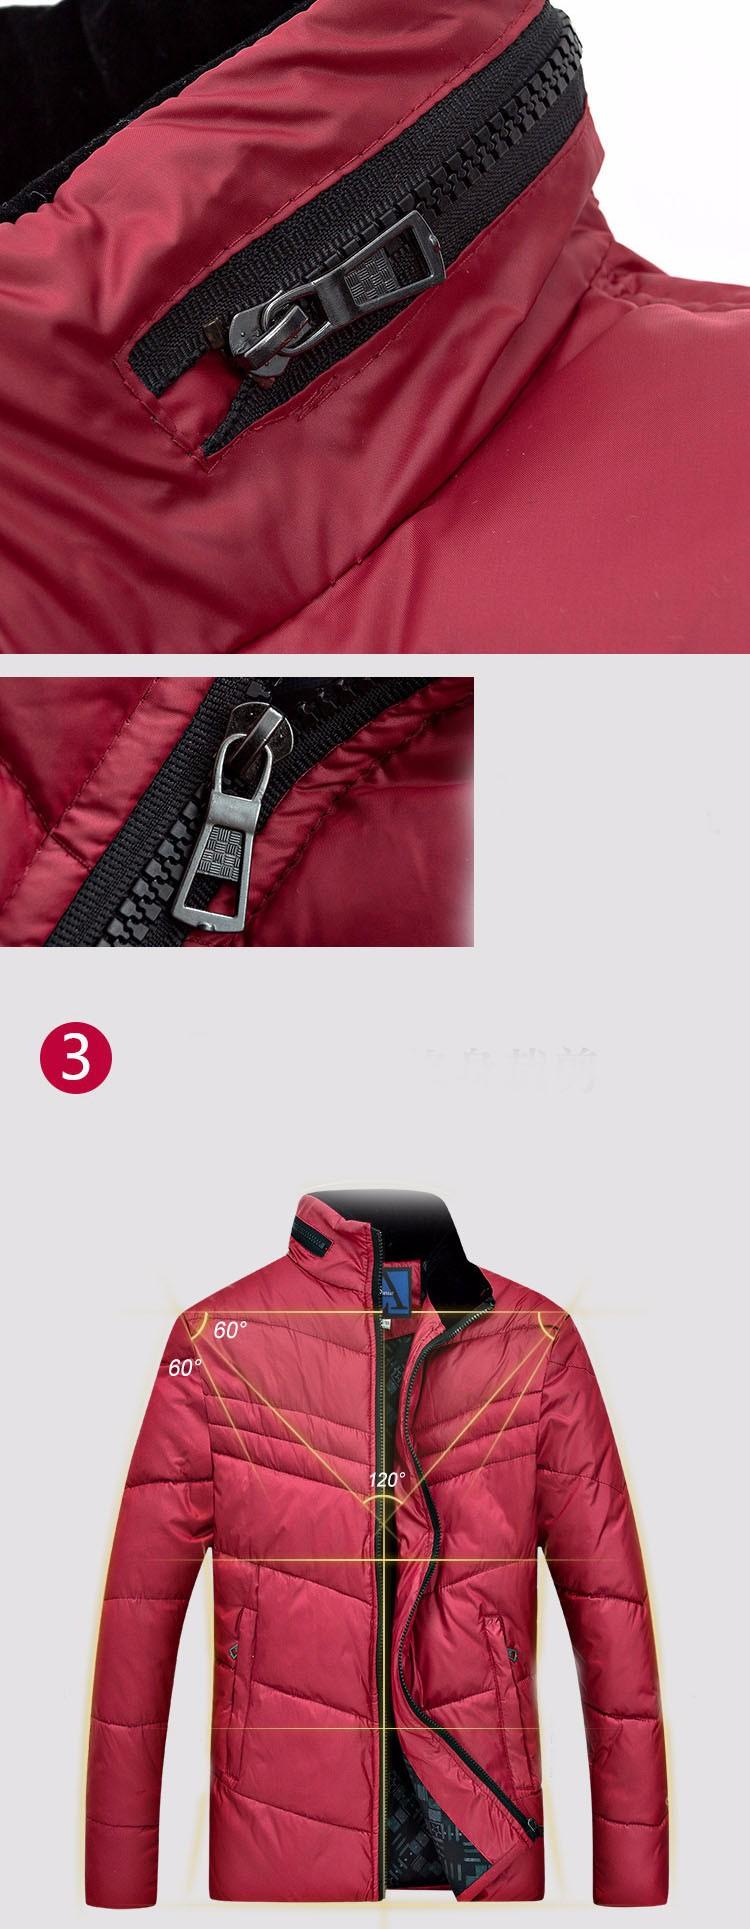 Скидки на Новый 2016 Пиджаки Высокое качество карман зимняя куртка моды для мужчин среднего возраста молния стоять воротник Вниз и Парки мужская пальто